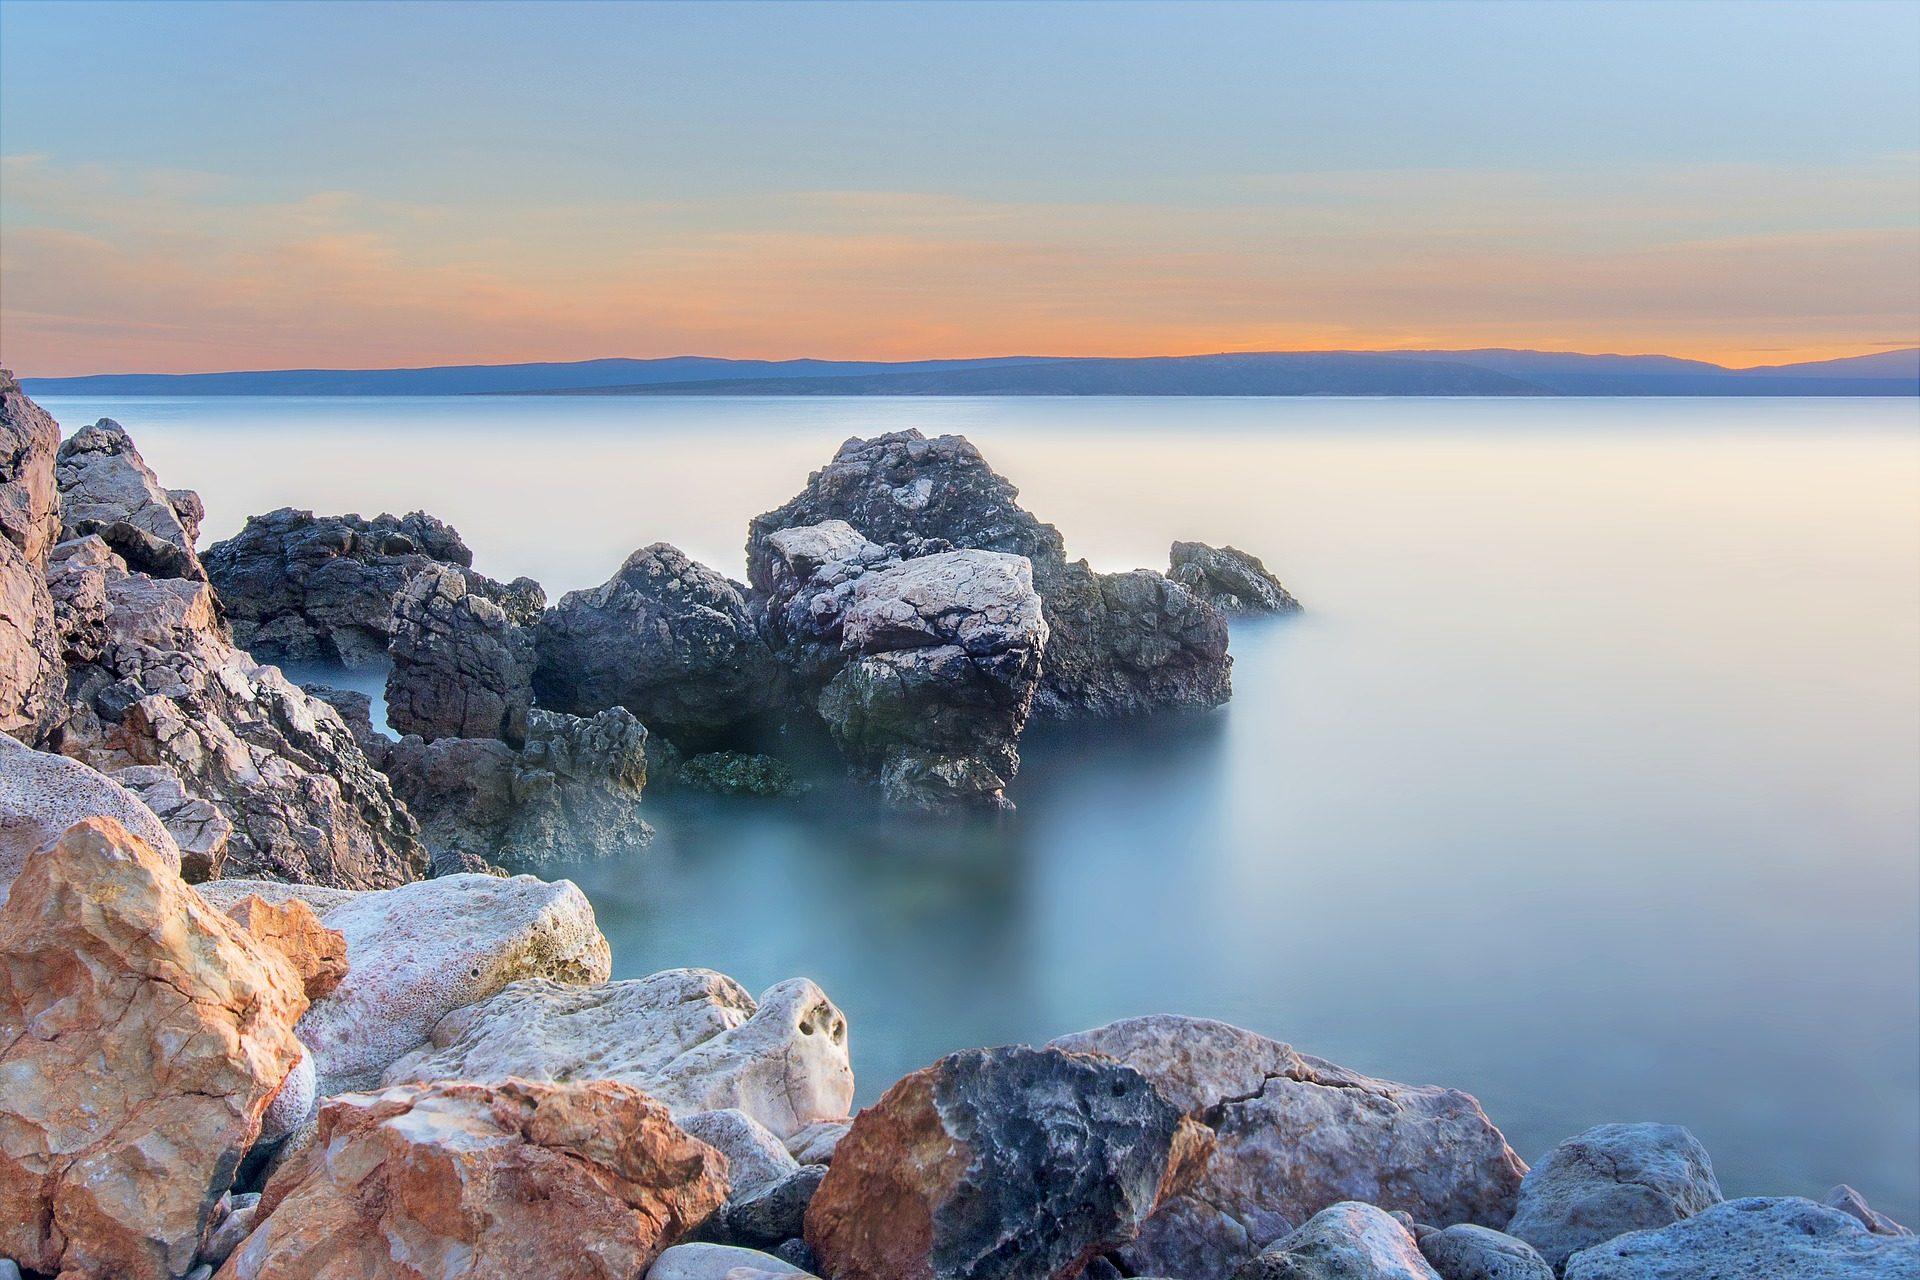 Mare, Costa, pietre, Rocas, Montañas, serenità - Sfondi HD - Professor-falken.com